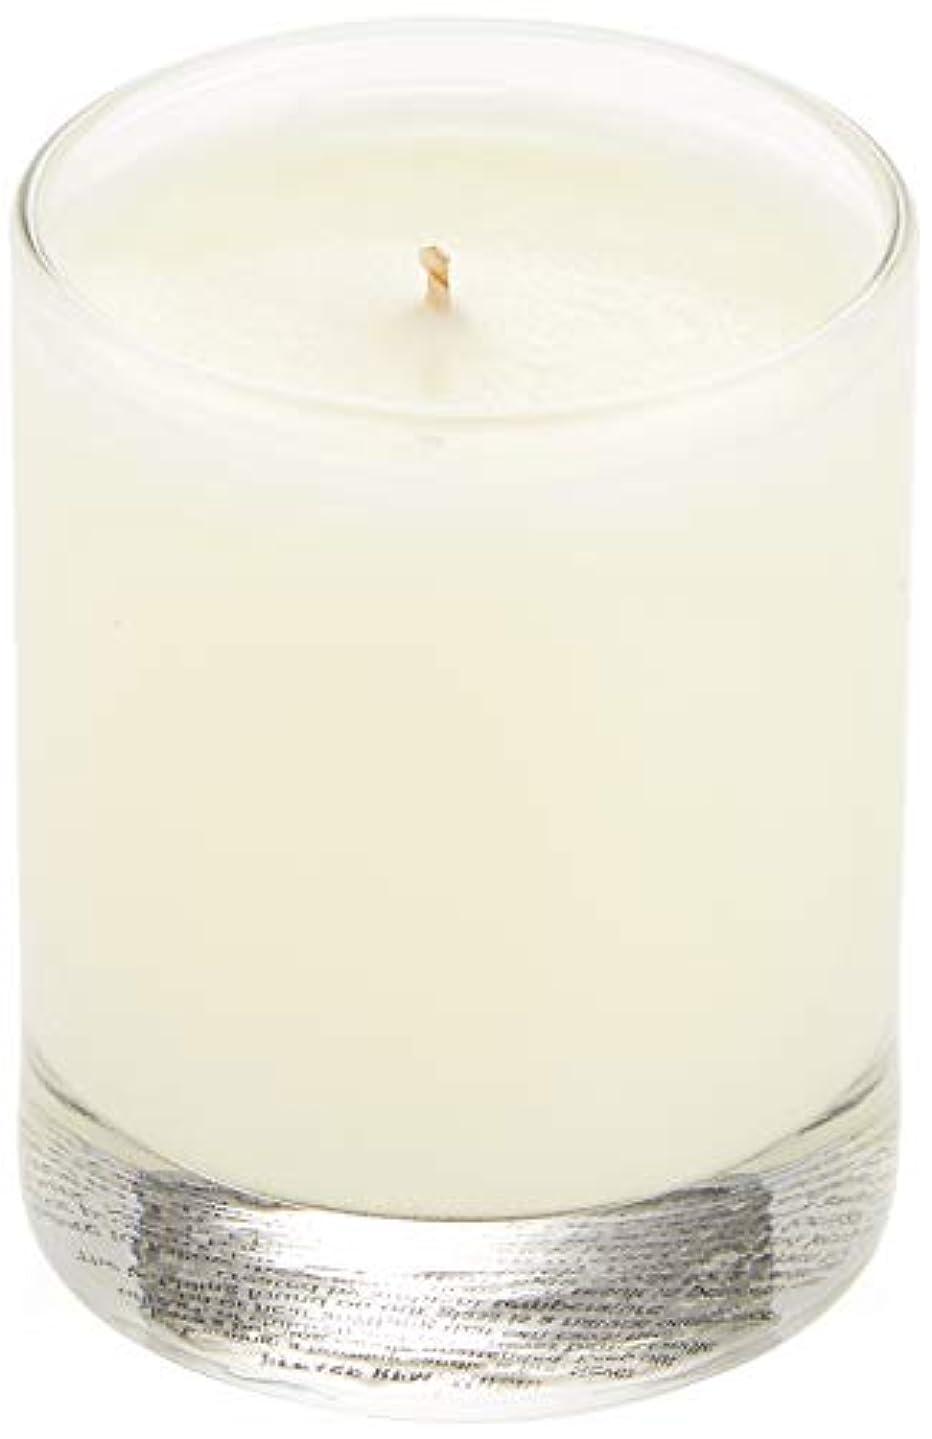 パテルネッサンス安定しましたkai fragrance(カイ フレグランス) ナイトライトキャンドル 連続燃焼18時間